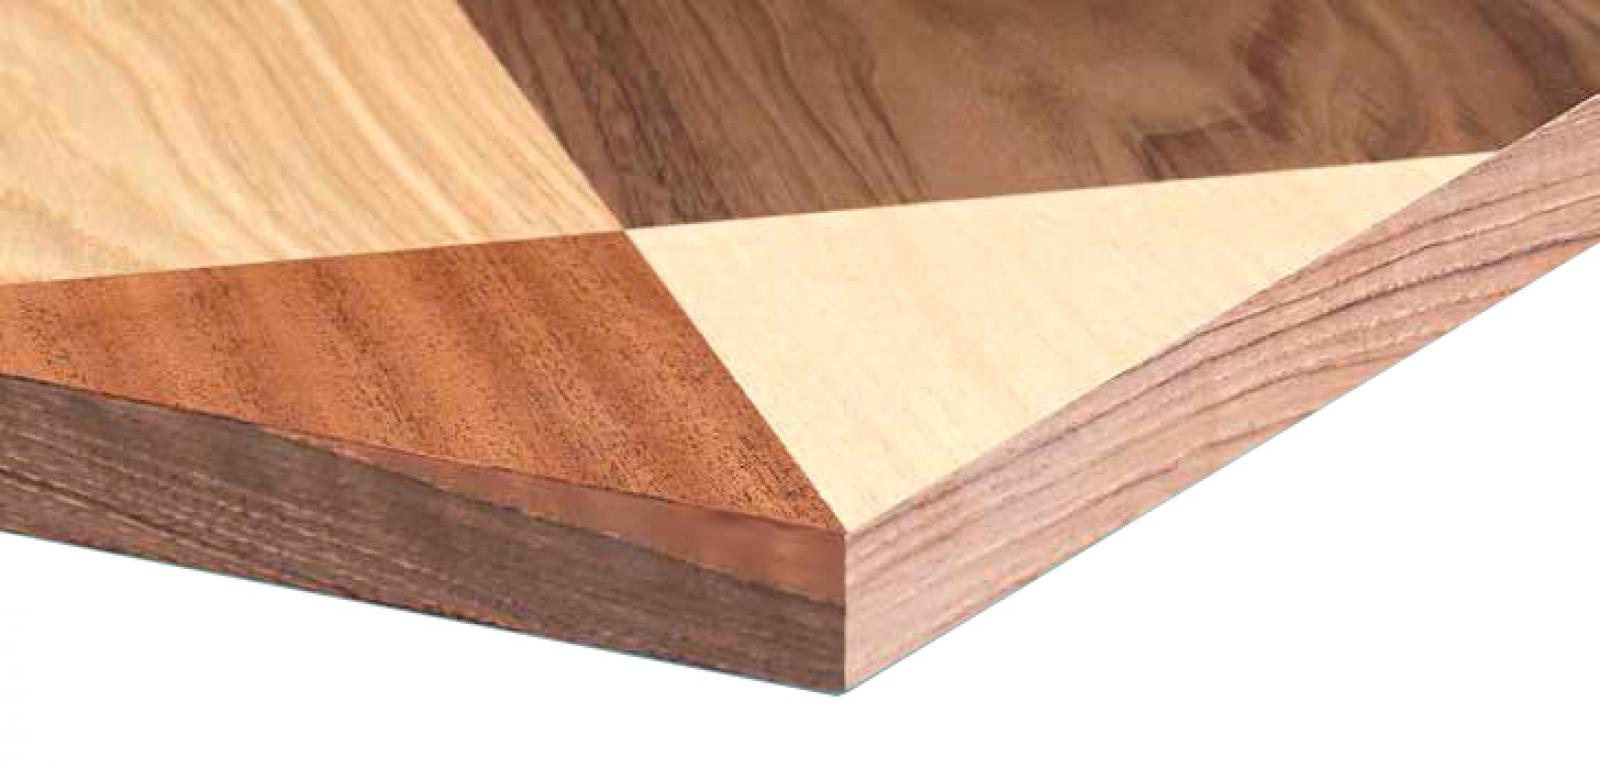 Plateau de table Class v marqueterie damier jeu essences de bois